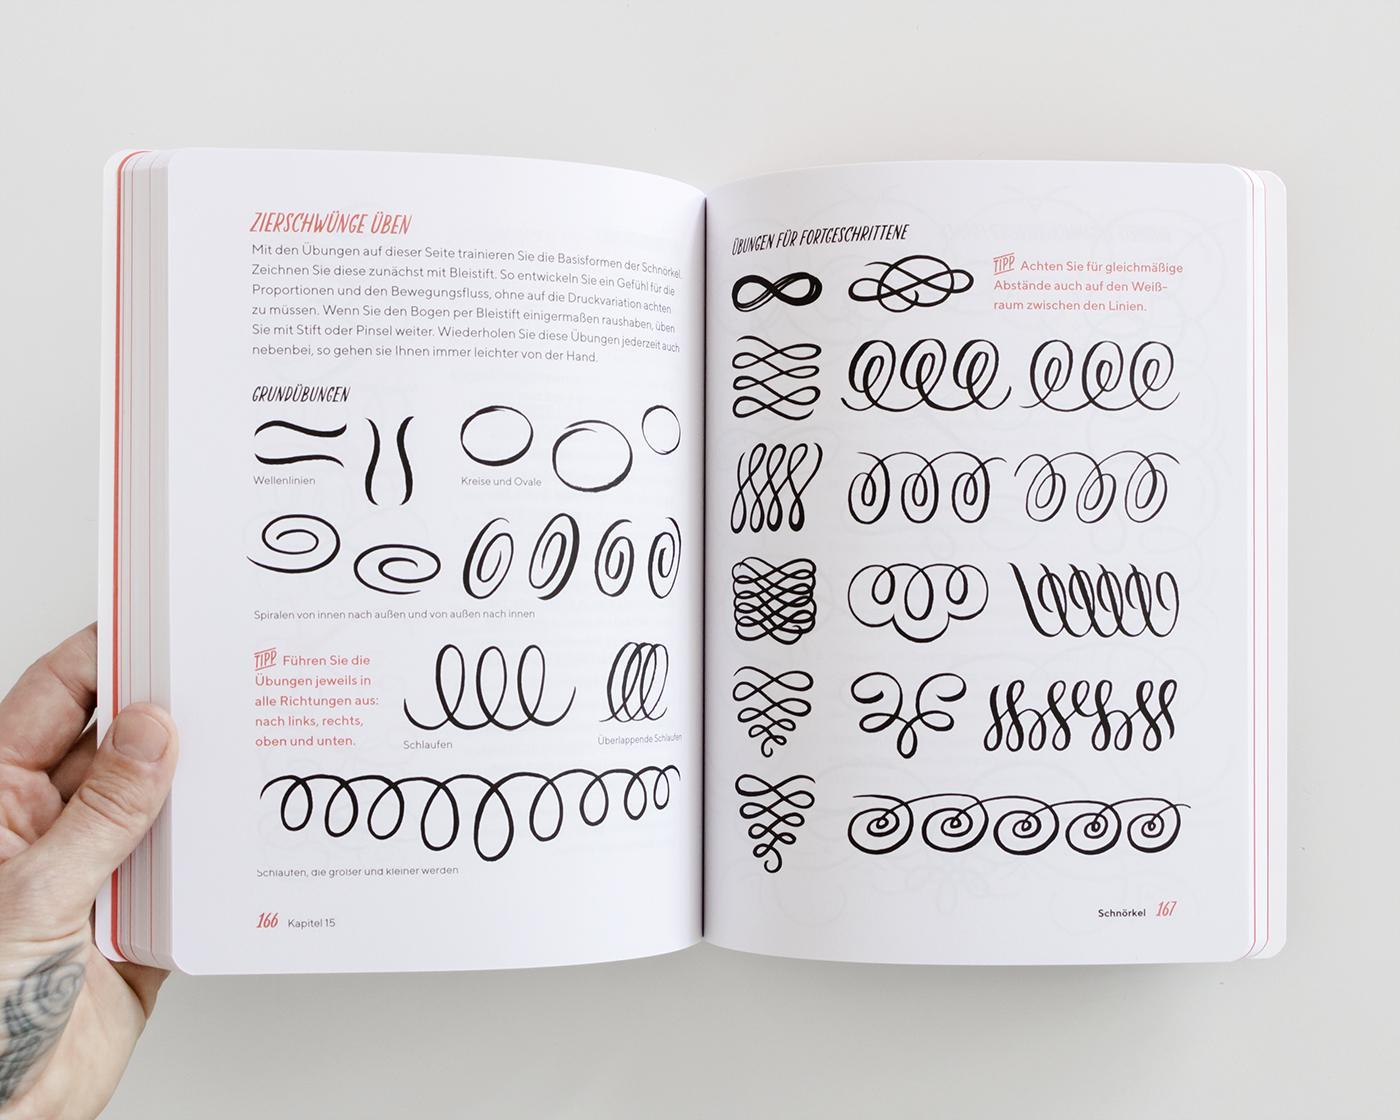 Campe_Praxisbuch-Brush-Lettering-3072.jpg